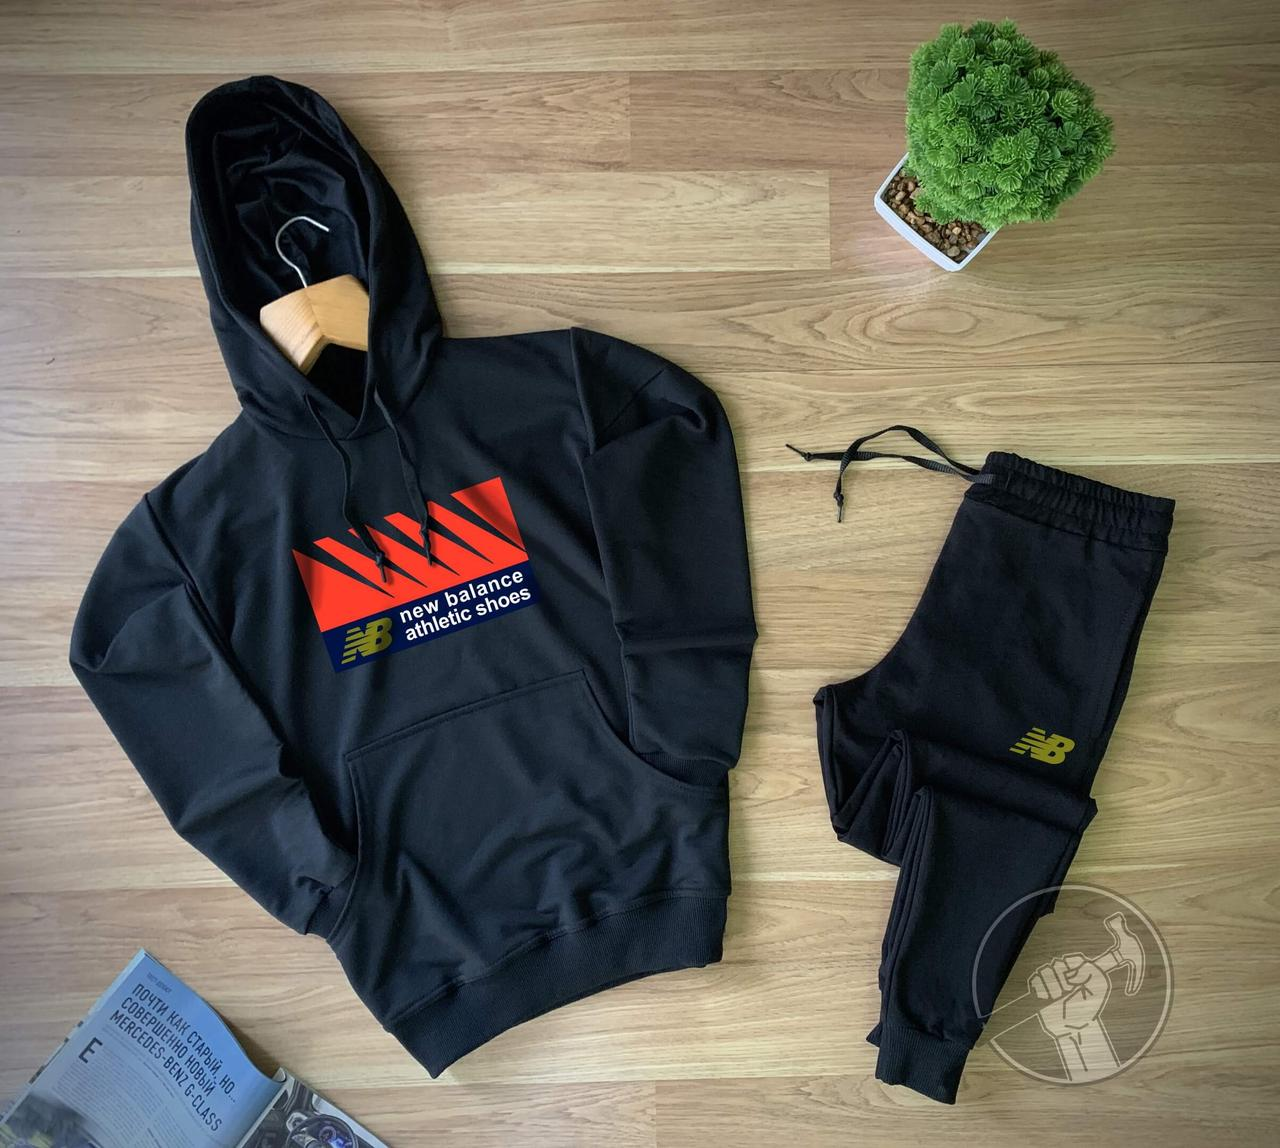 Мужской спортивный костюм New Balance черного цвета (Мужской спортивный костюм Нью Баланс весна/осень)